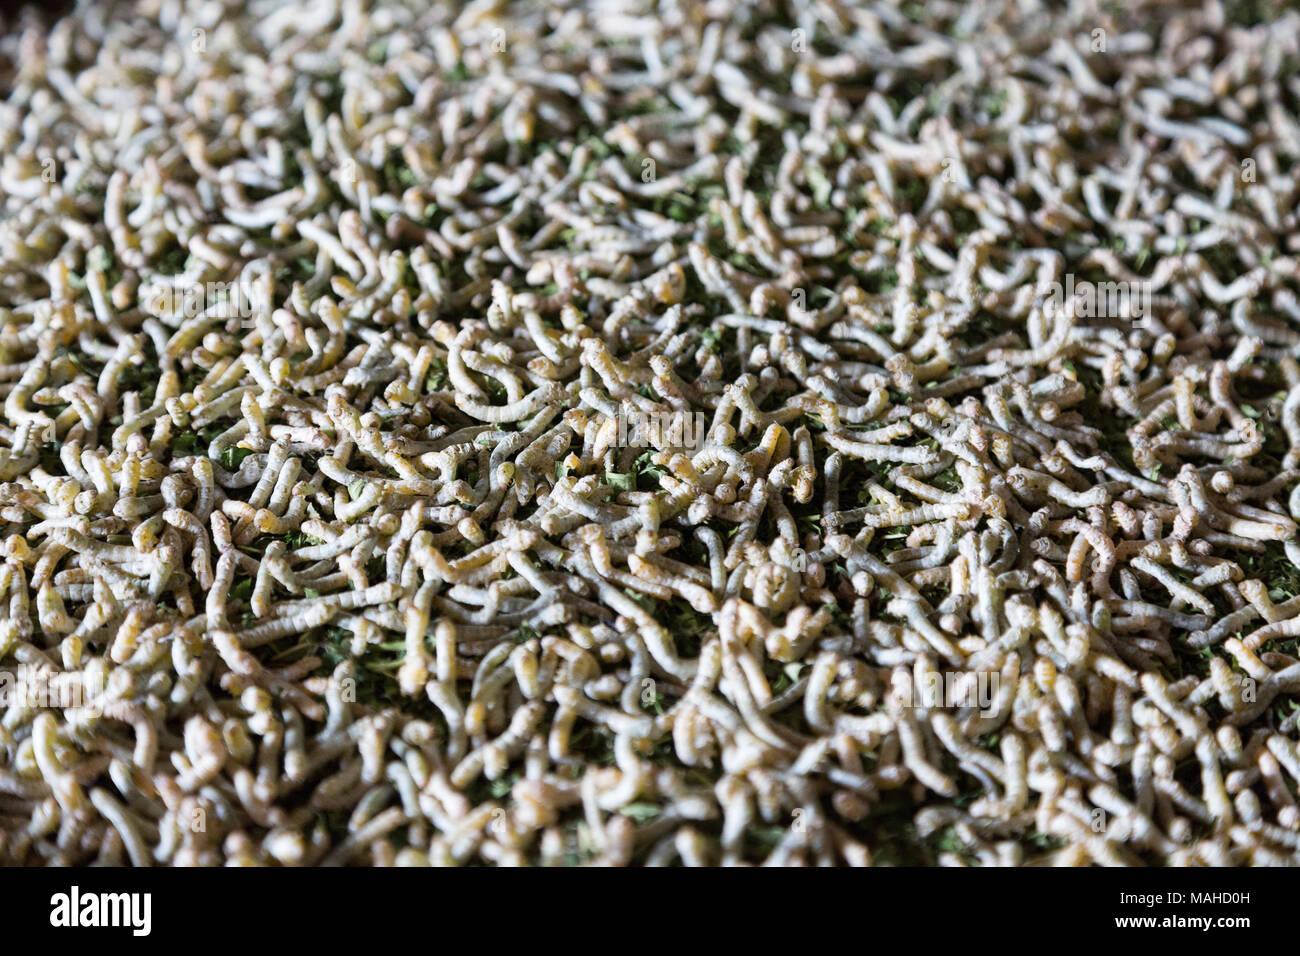 Vers à soie - close up de vers à soie, la larve, Caterpillar ou l'imago de l'silkmoth ( Bombyx mori ), dont la soie est faite; Kampong Thom, Cambo Photo Stock